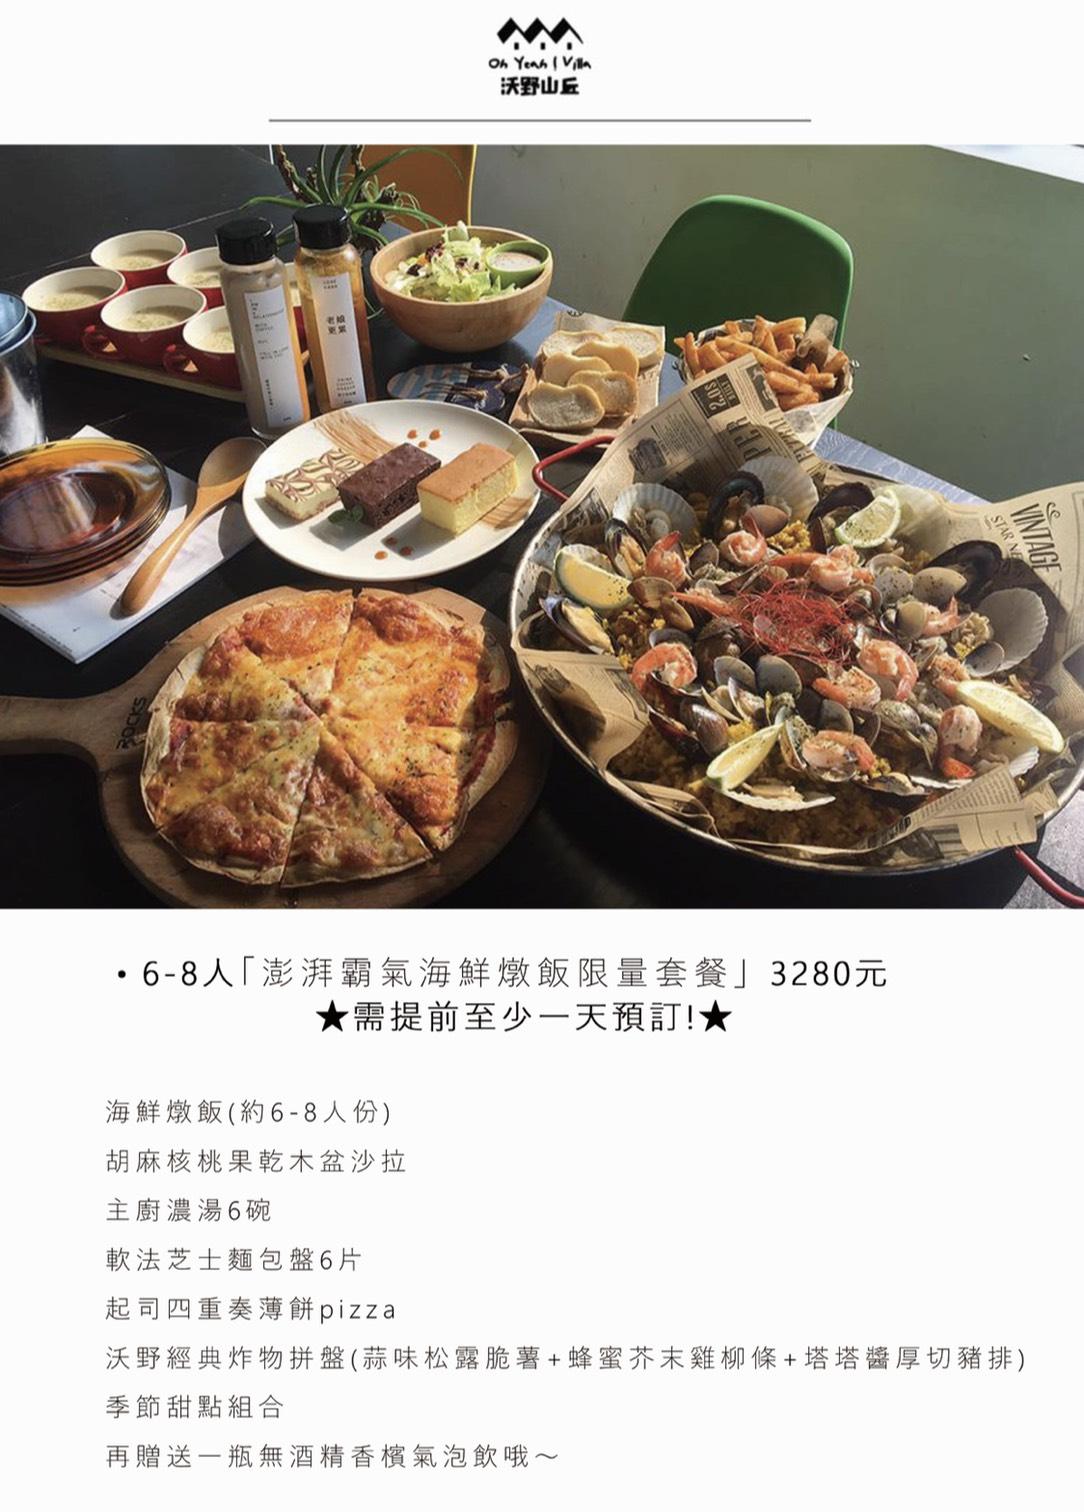 沃野山丘菜單-2